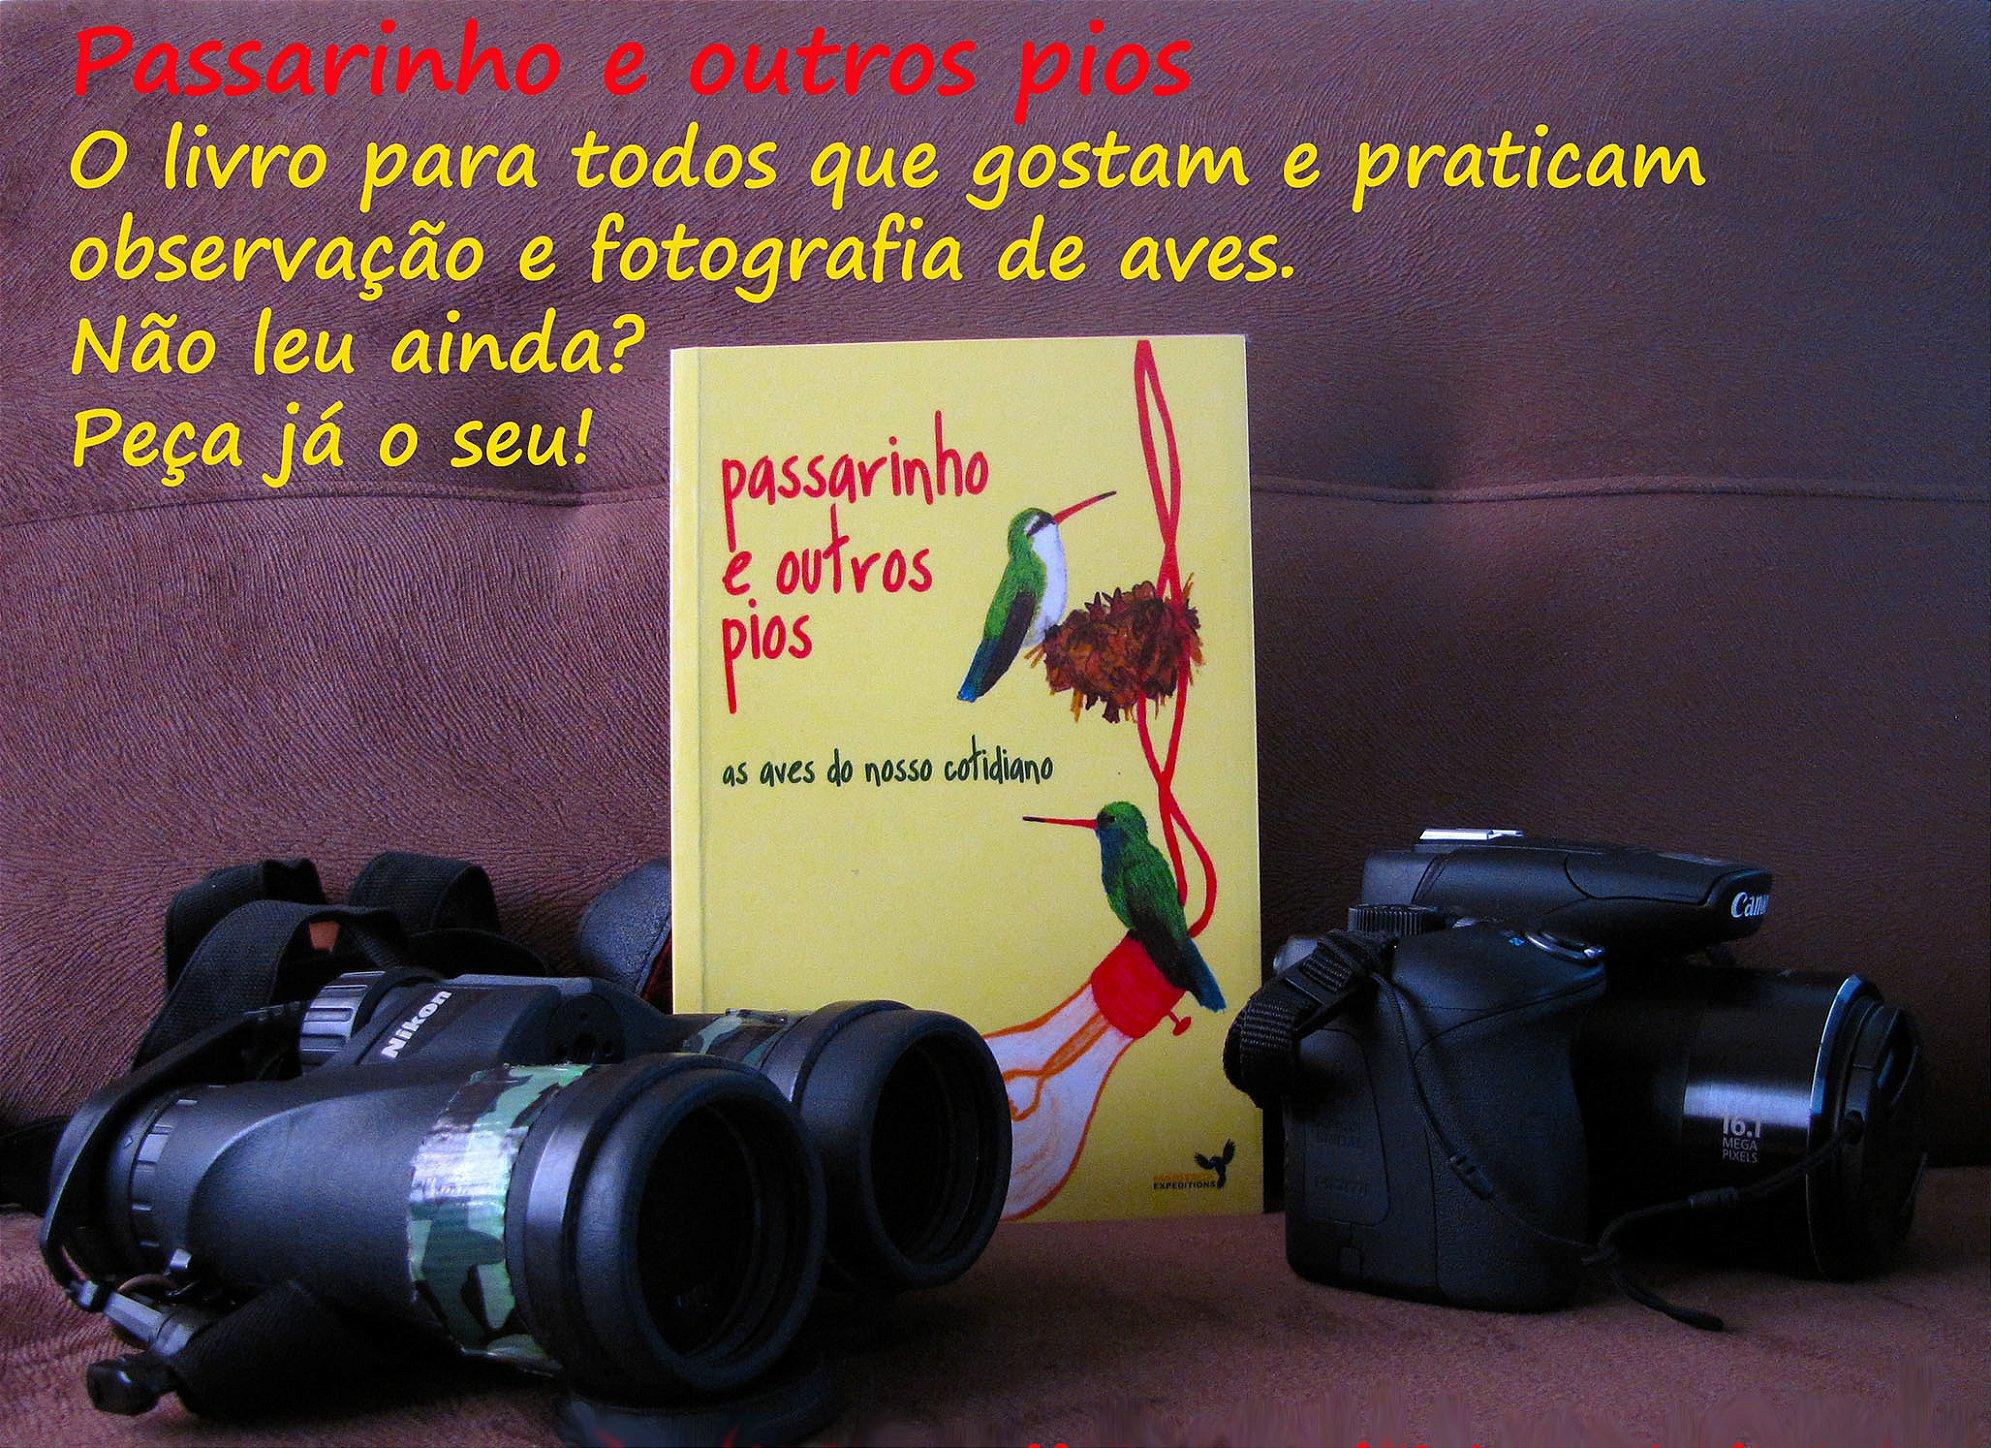 """""""Passarinho e outros pios"""", livro de Tietta Pivatto, está disponível na Maritaca Store."""